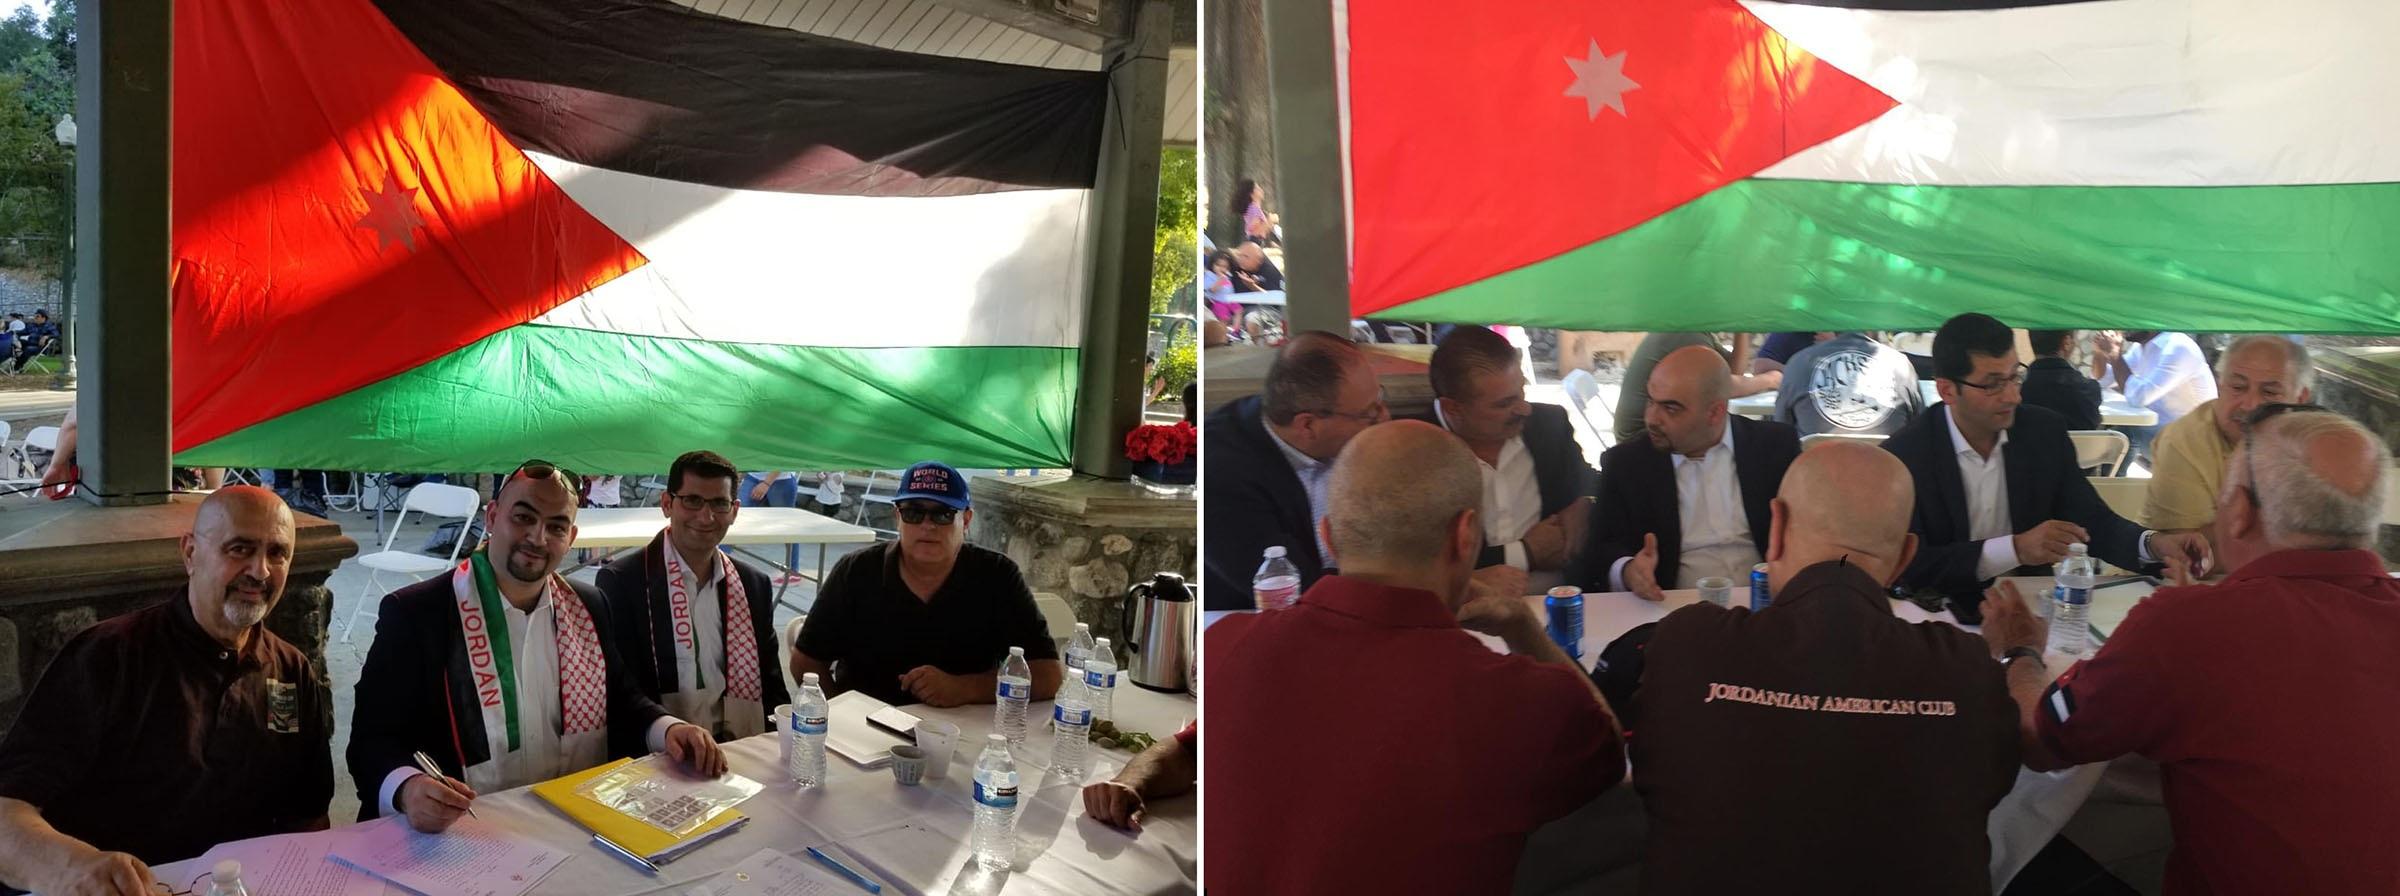 سفارة المملكة بواشنطن تعزز التعاون مع الأردنيين المقيمين بامريكا